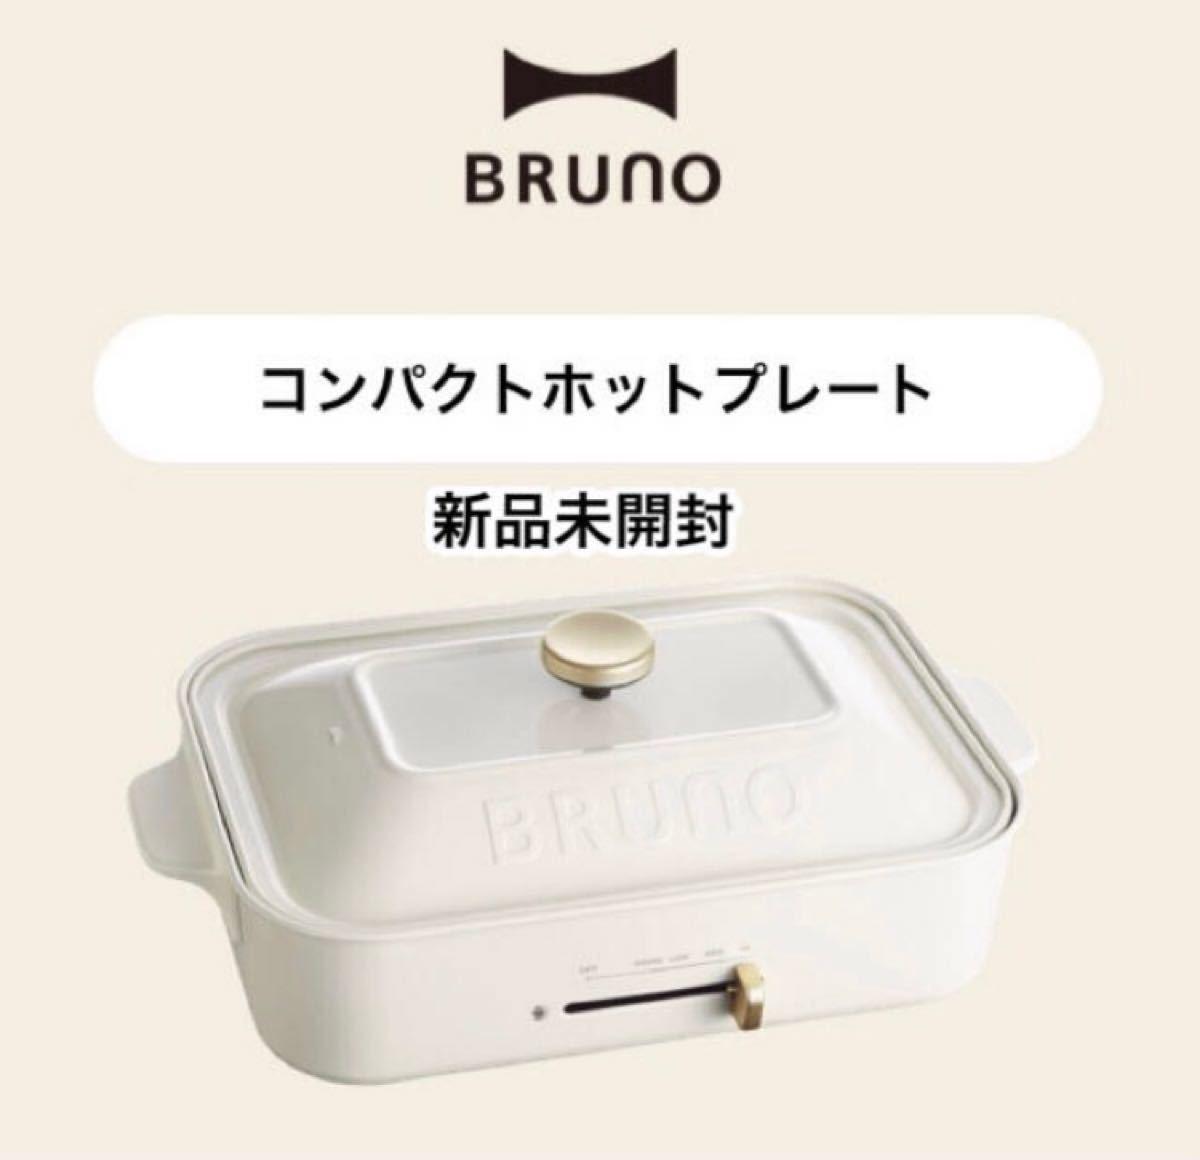 BRUNO コンパクトホットプレート(ホワイト)